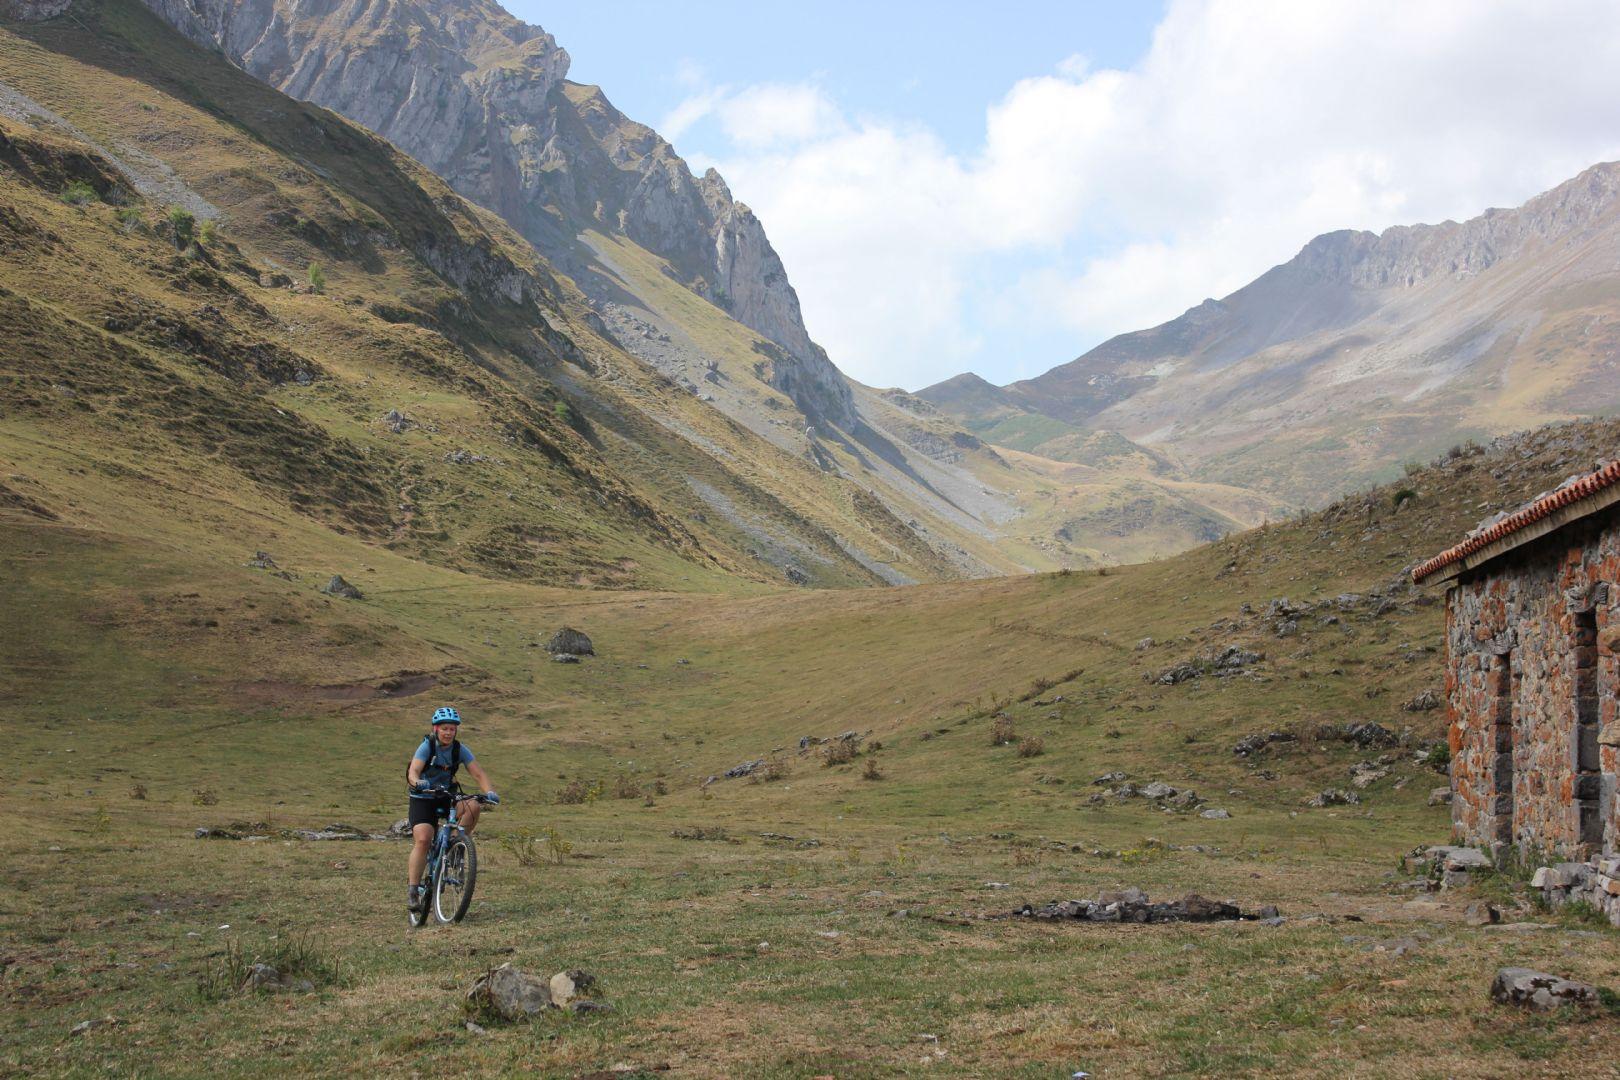 2012-09-11 01.12.03.jpg - Spain - Picos de Europa - Trans Picos - Guided Mountain Bike Holiday - Mountain Biking